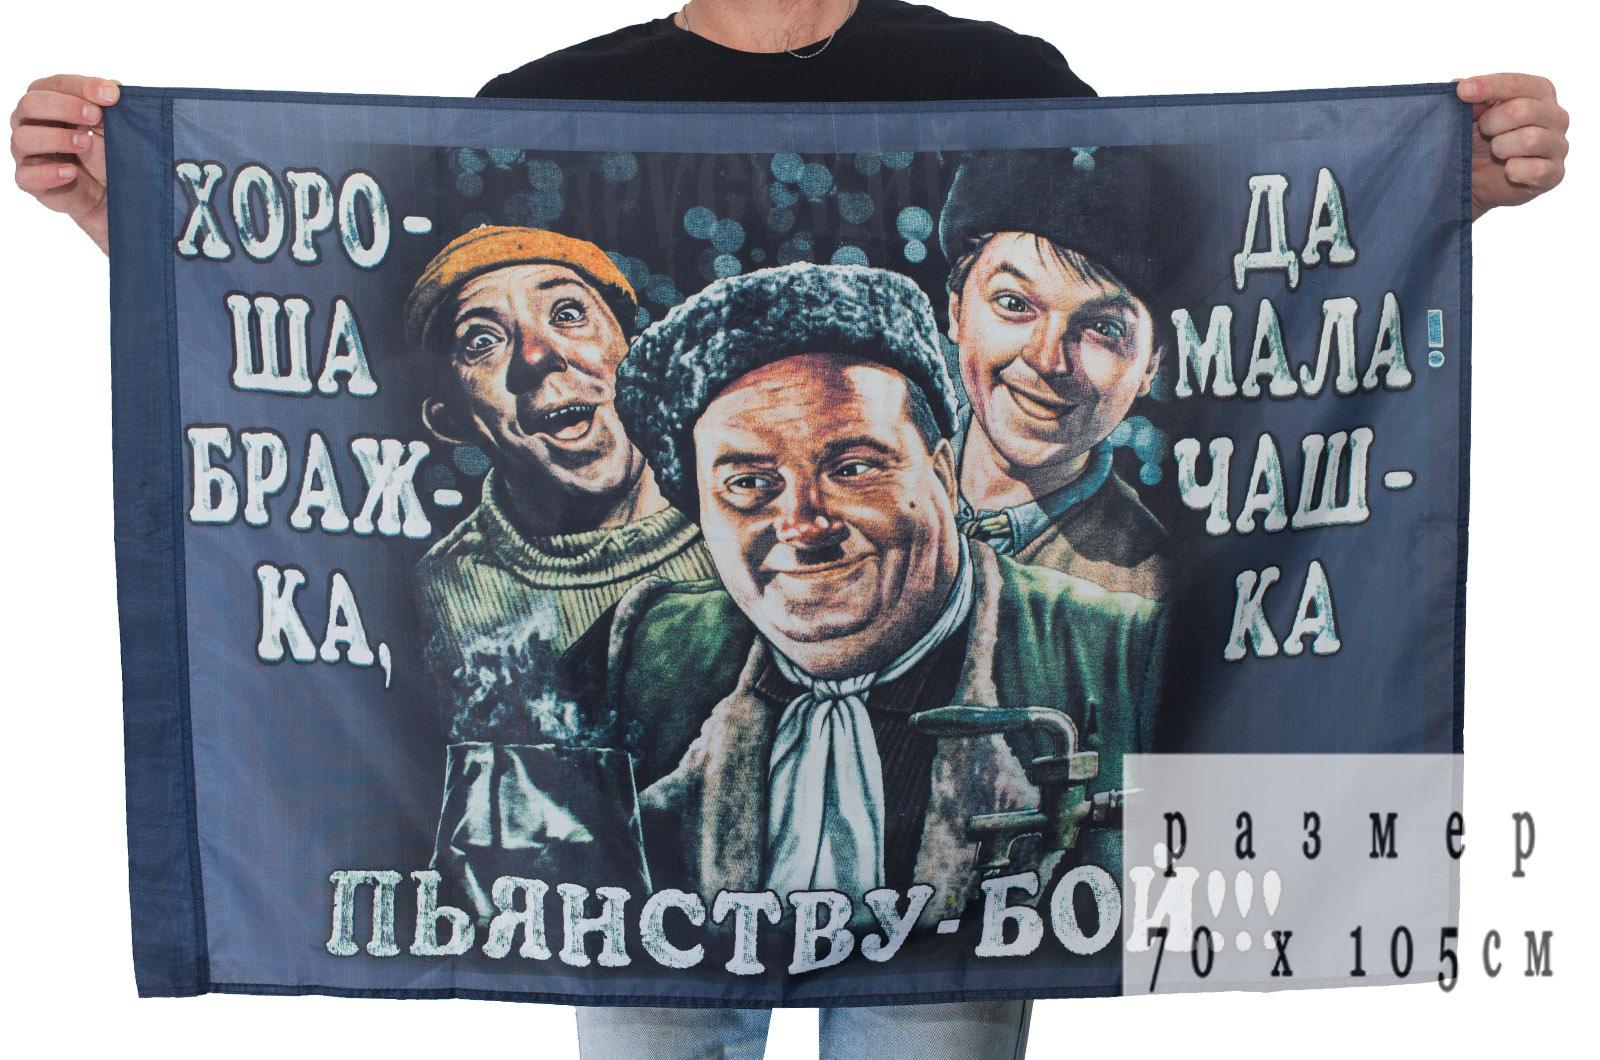 """Купить прикольный флаг """"Хороша бражка"""" 70x105"""